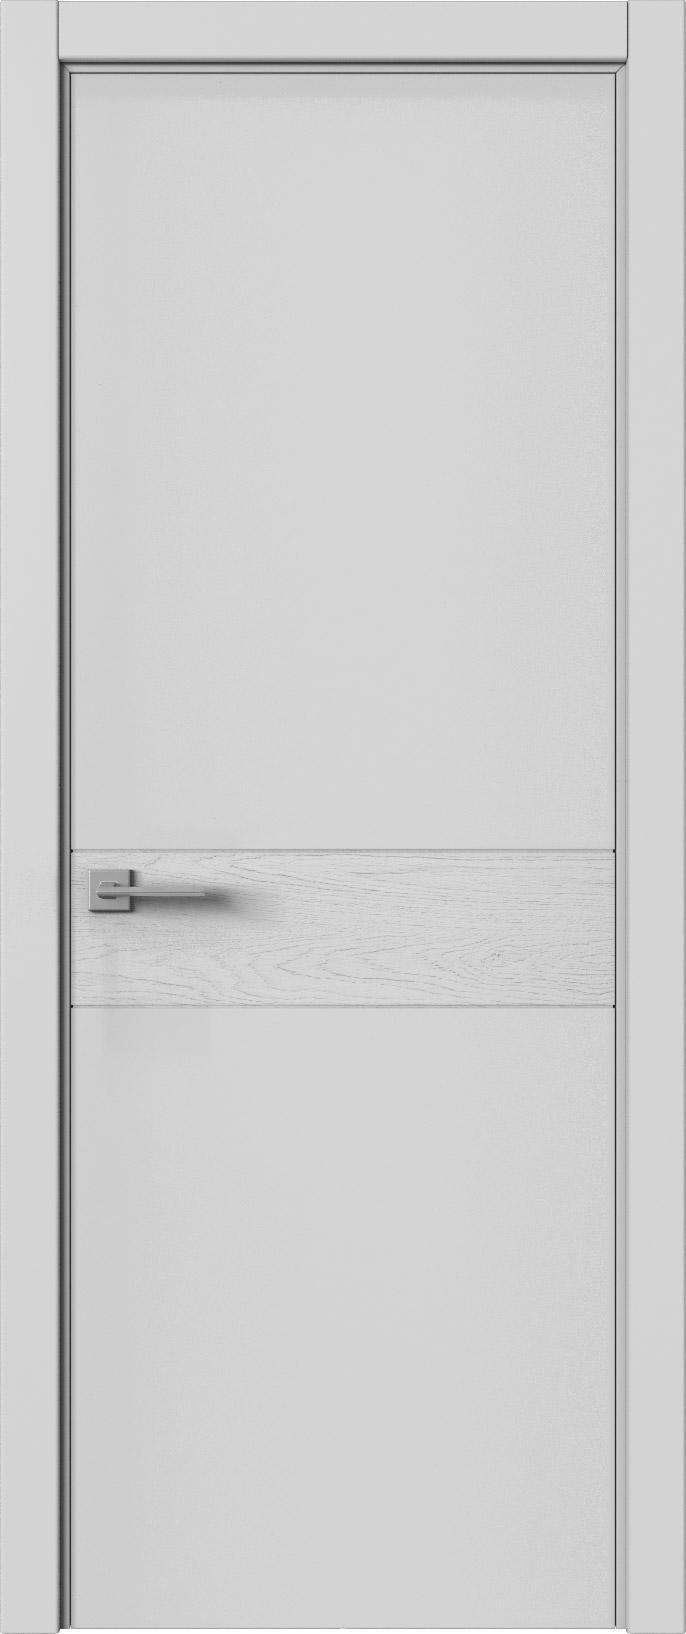 Tivoli И-2 цвет - Серая эмаль-эмаль по шпону (RAL 7047) Без стекла (ДГ)